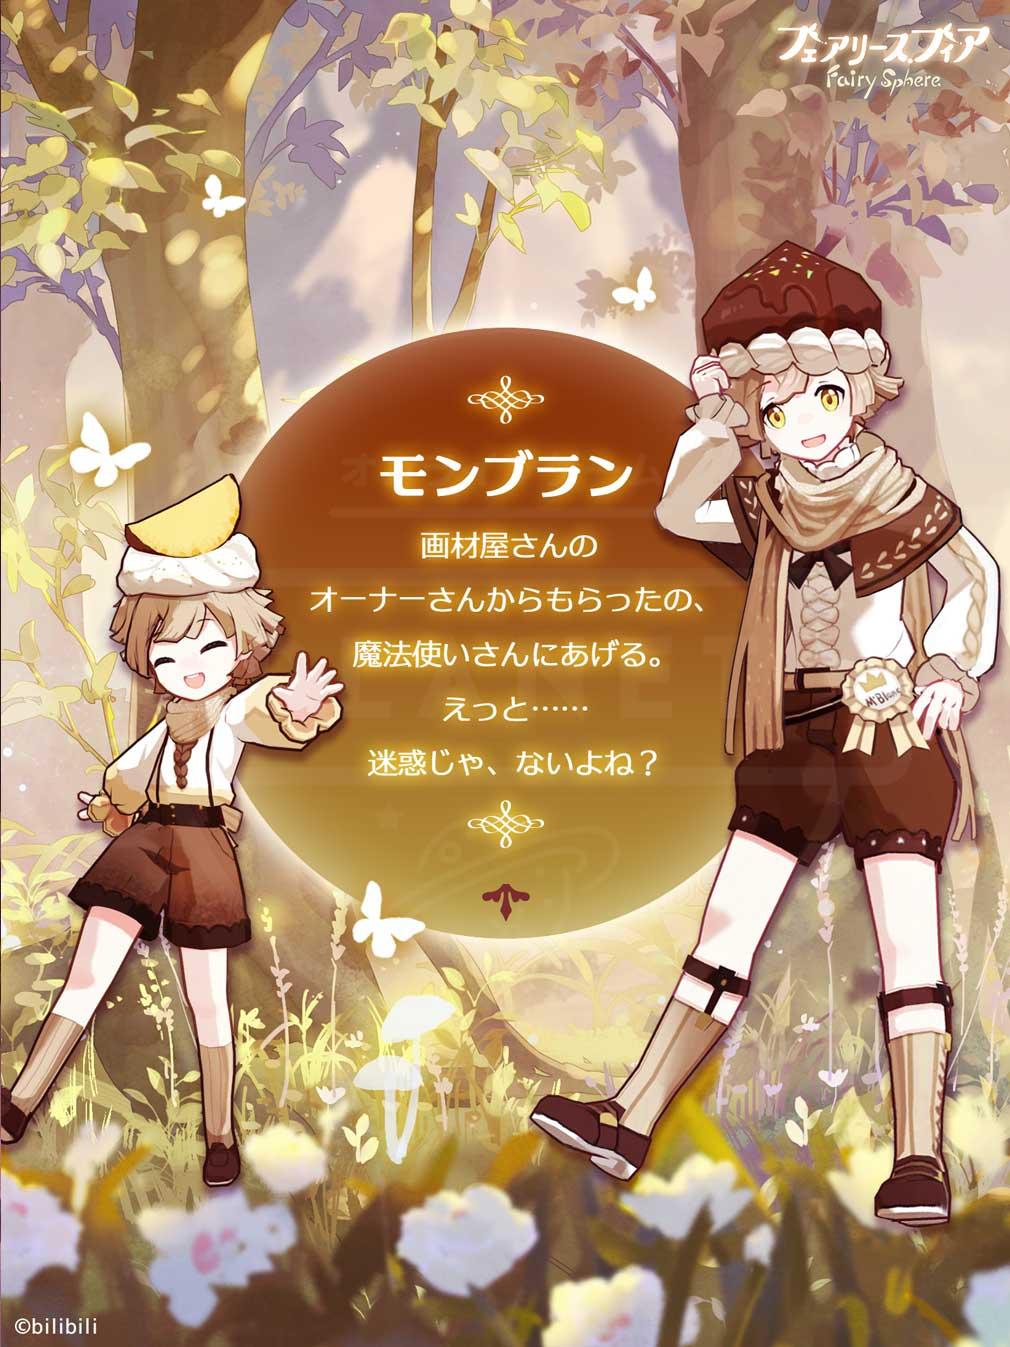 フェアリースフィア(フェアリス) 妖精キャラクター『モンブラン』紹介イメージ